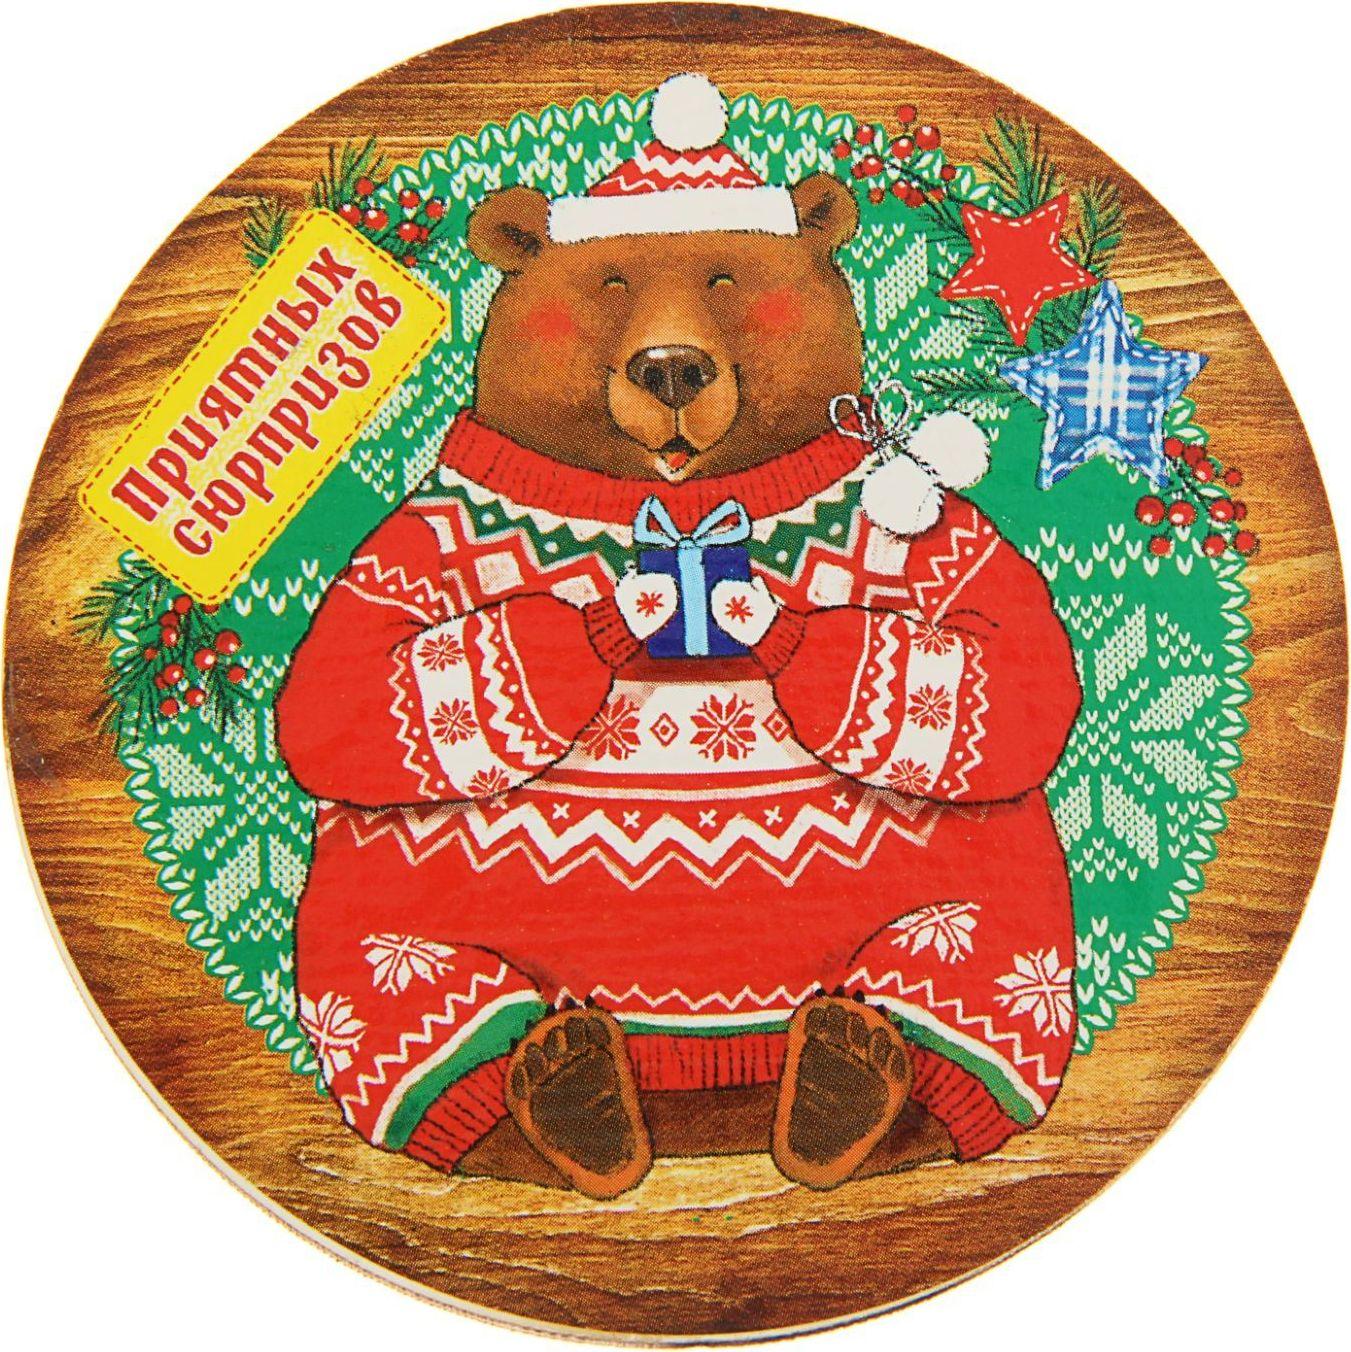 Магнит Sima-land Приятных сюрпризов. Медведь с подарком, 8,5 х 8,5 см1493240Порадуйте родных и близких оригинальным сувениром: преподнесите в подарок магнит. С ним даже самый серьезный человек почувствует себя ребенком, ожидающим чудо! Прикрепите его к любой металлической поверхности, и он удержит на виду важные записки, любовные послания или просто список продуктов.Создайте праздничное настроение, и оно останется с вами на весь год.